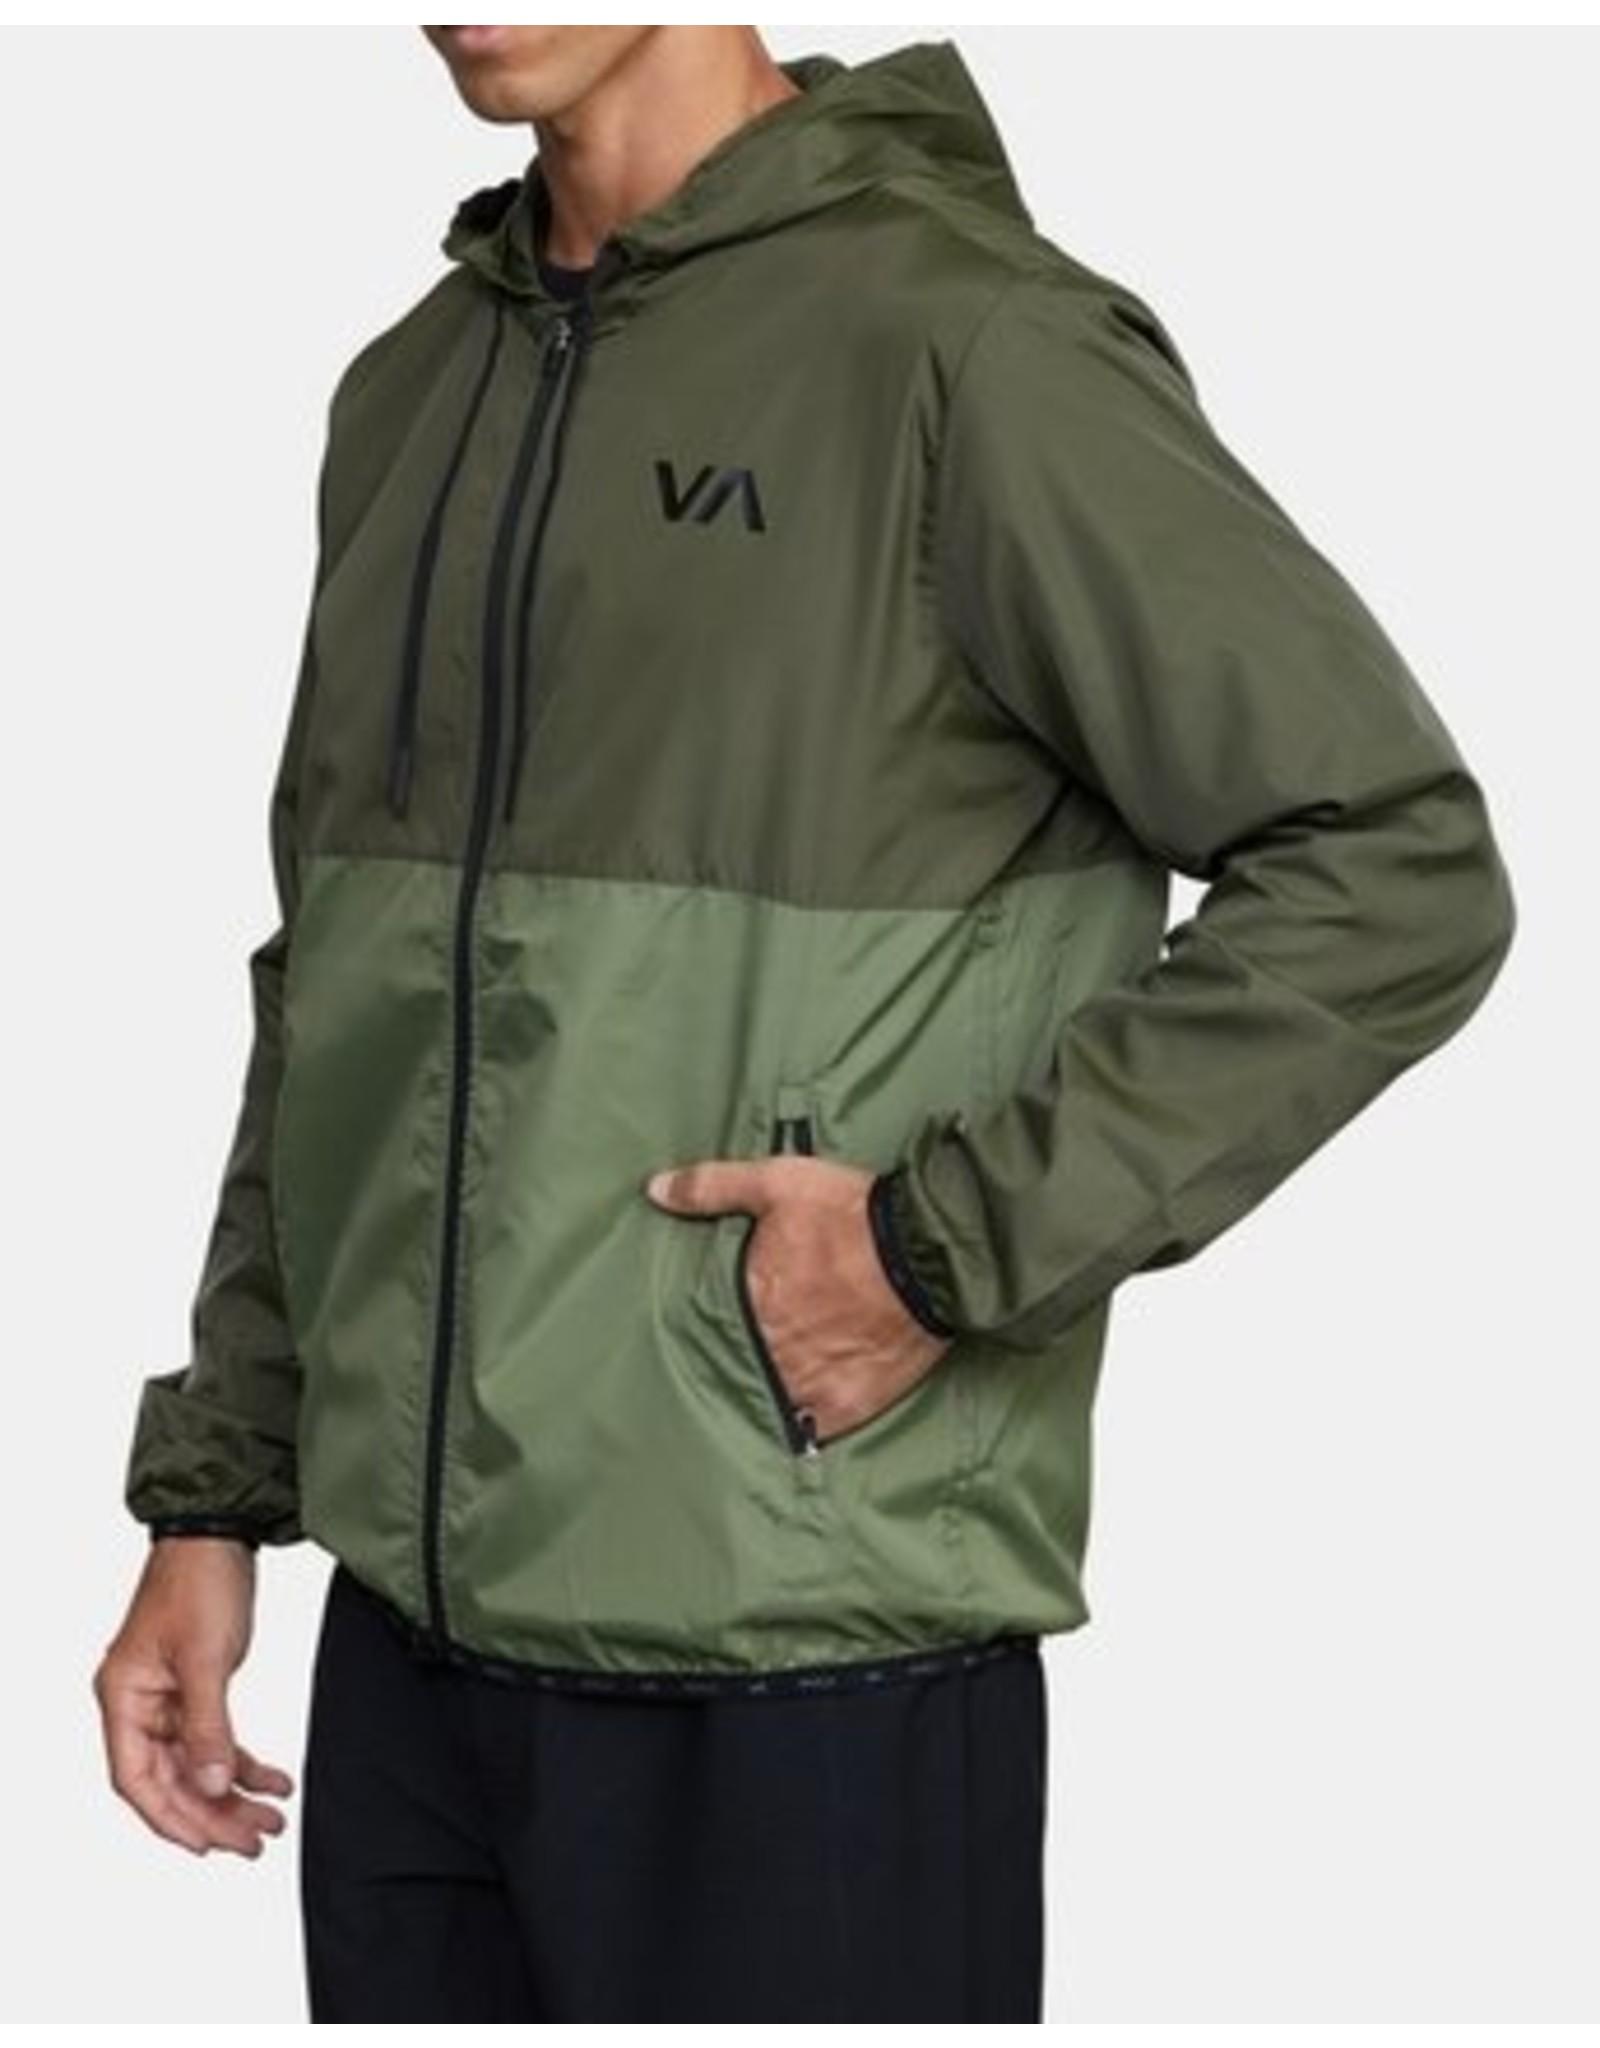 RVCA HEXSTOP IV Jacket